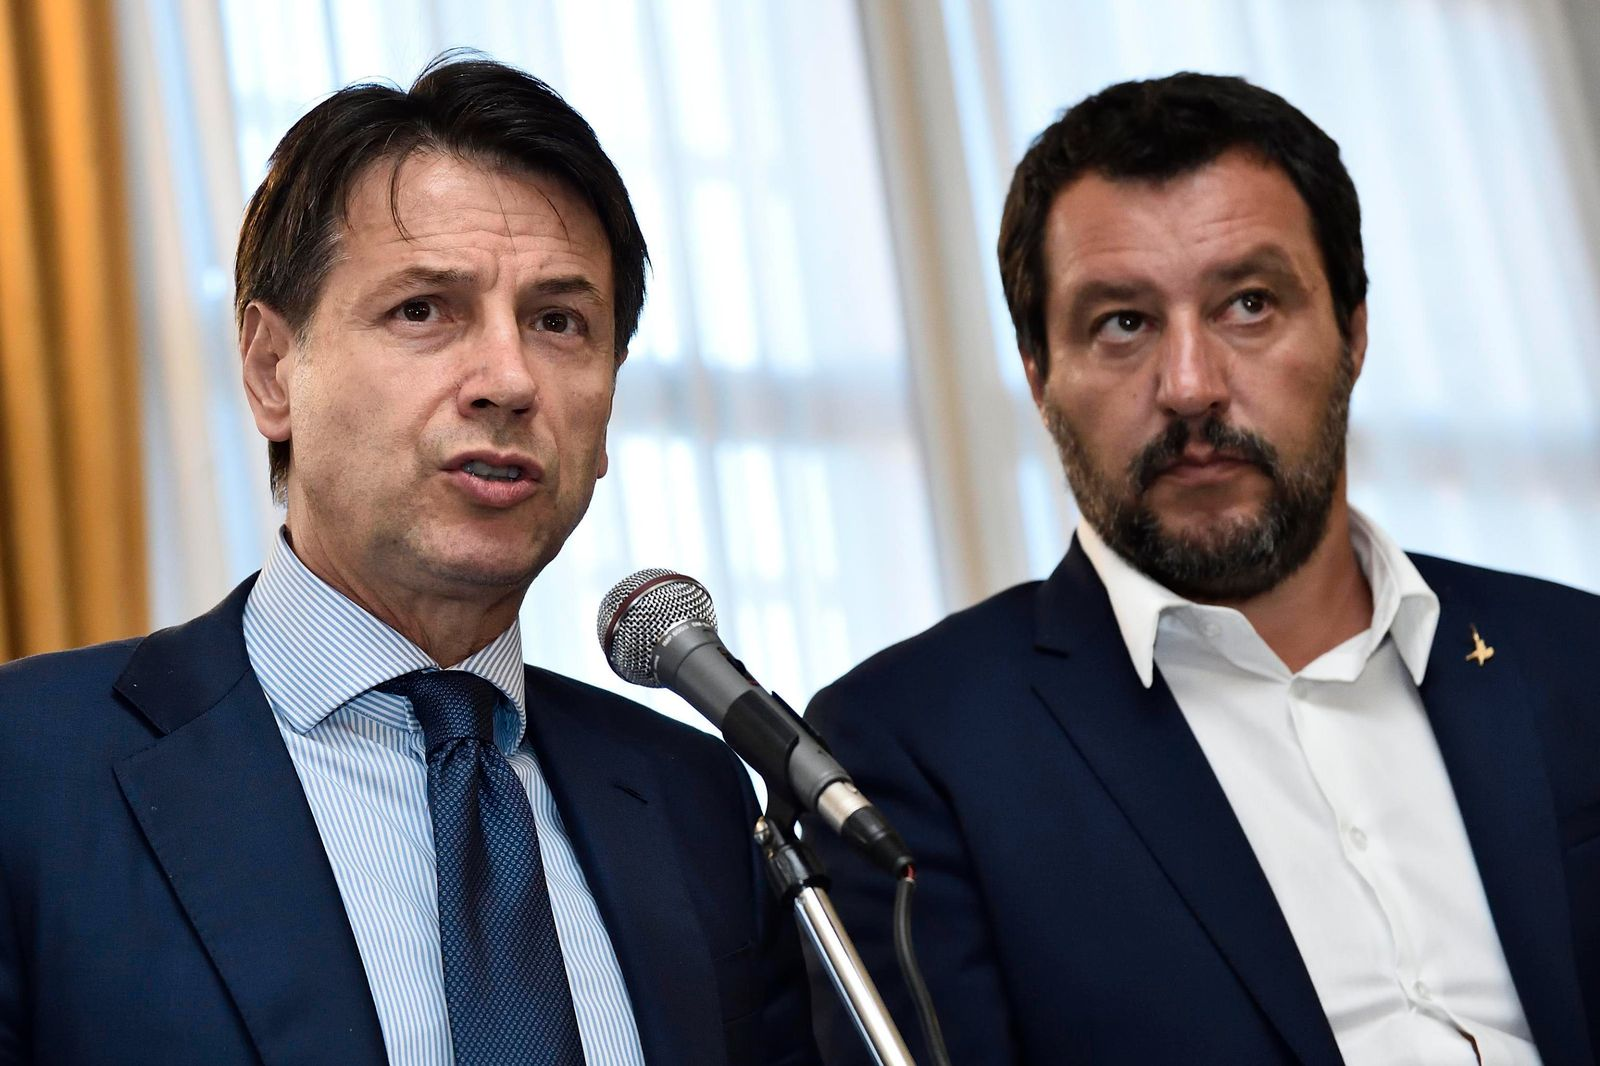 Giuseppe Conte/ Matteo Salvini